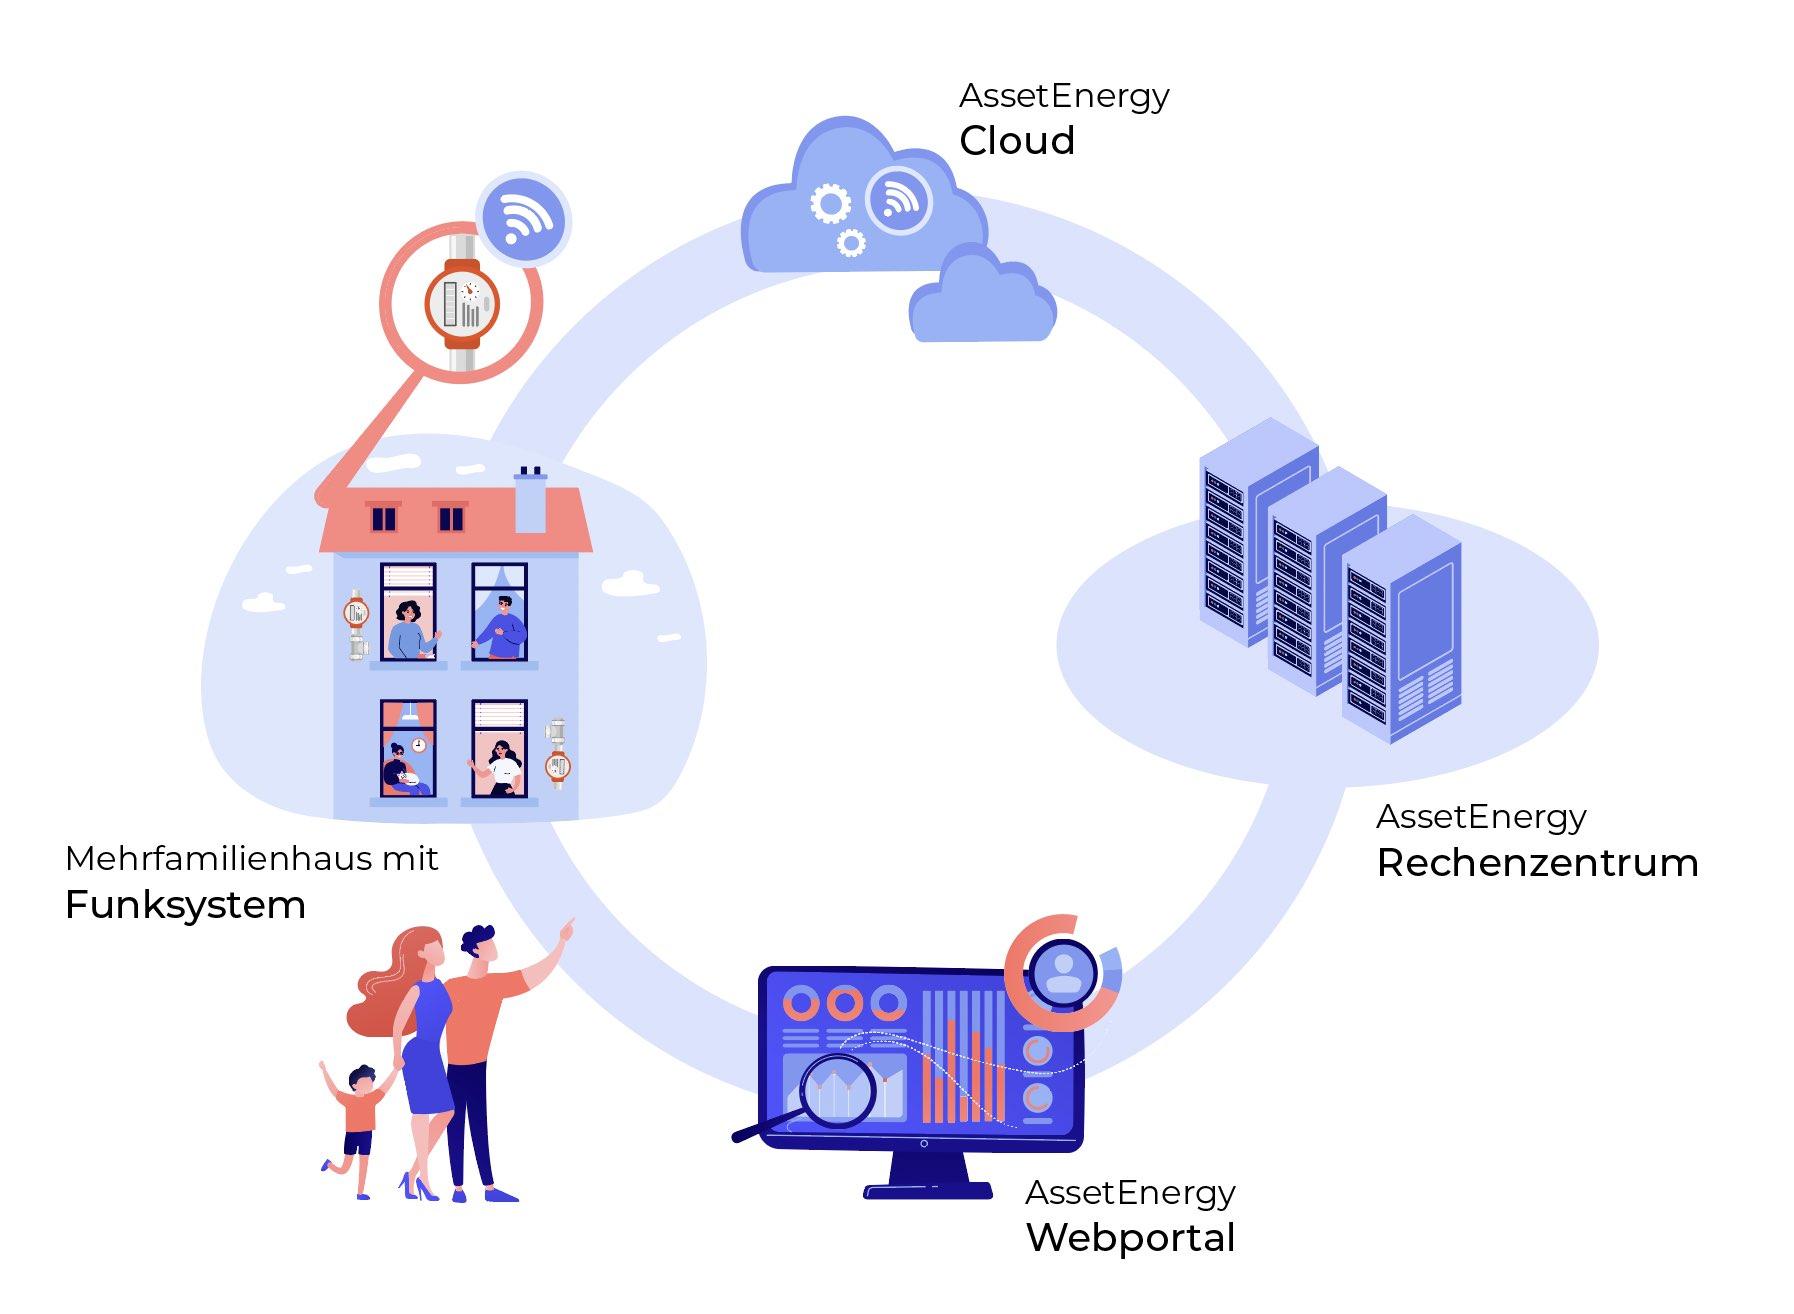 Fernablesung durch die EED Richtlinie mit digitalen Zählern für mehr Transparenz in der Verbrauchserfassung